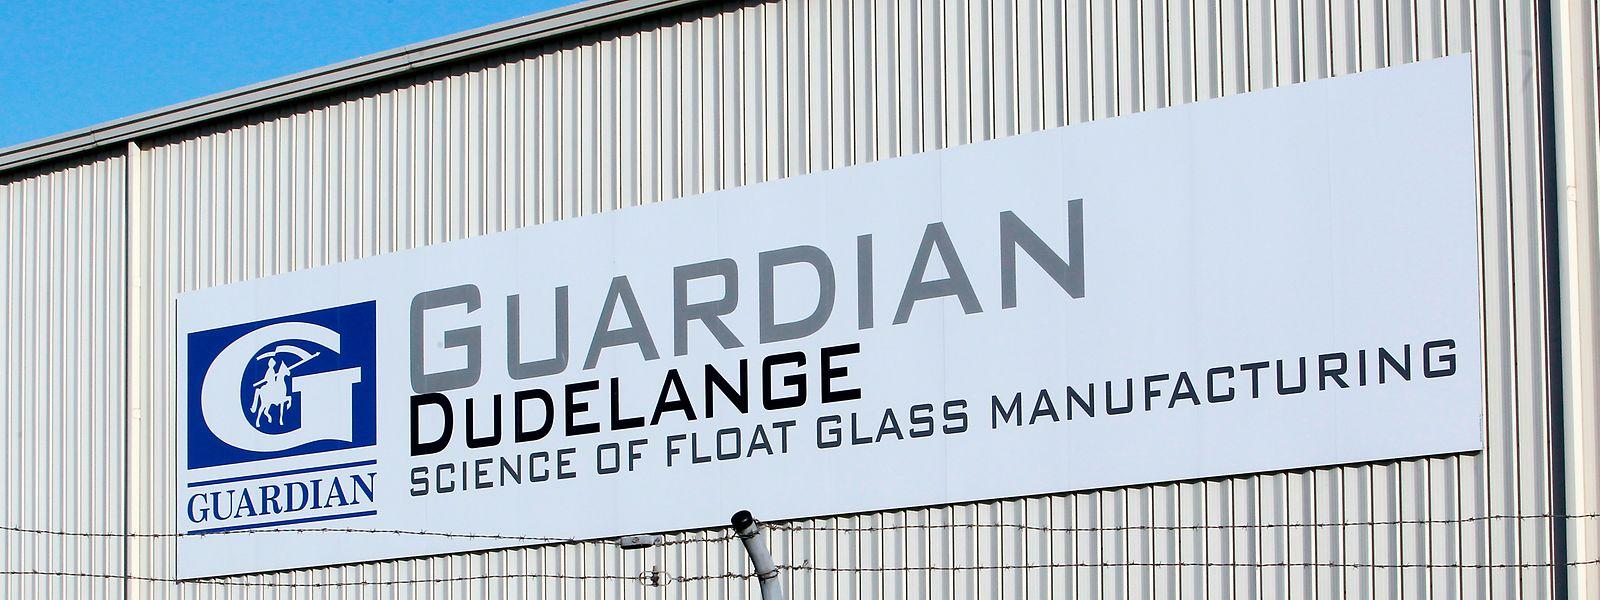 Les sites du fabricant de Bascharage et Dudelange emploient actuellement près de 450 personnes.